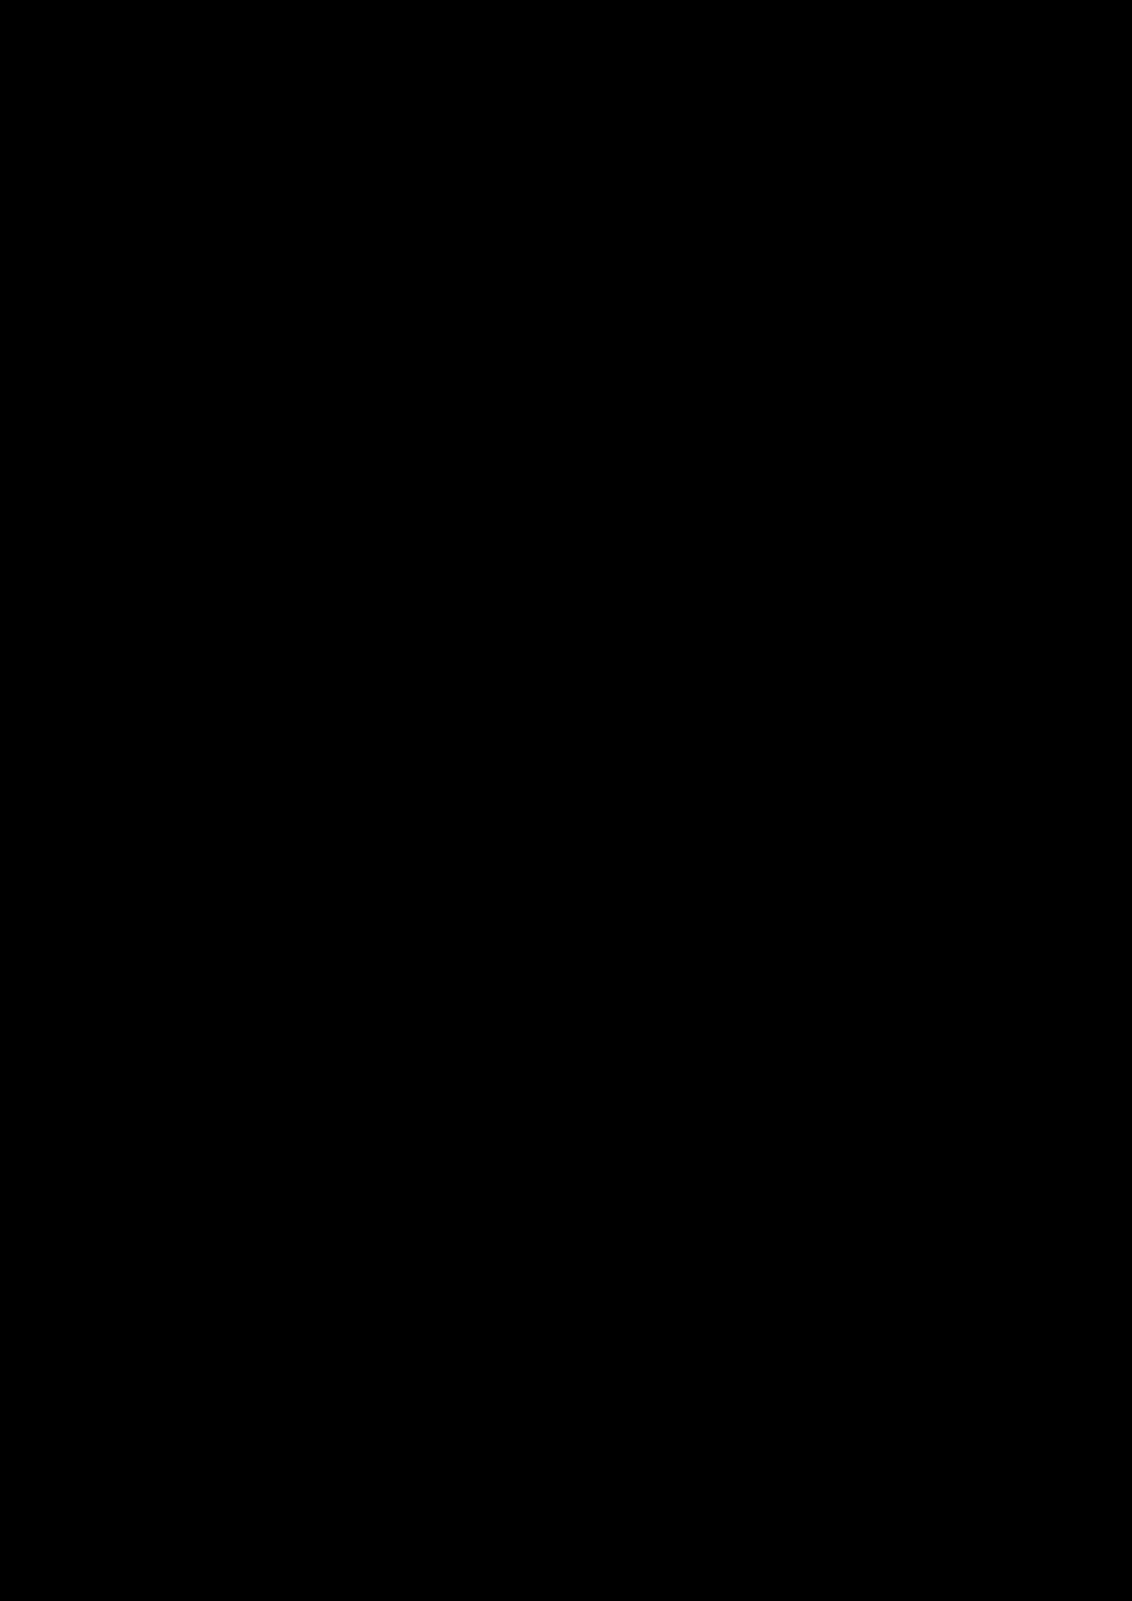 Prolog slide, Image 24